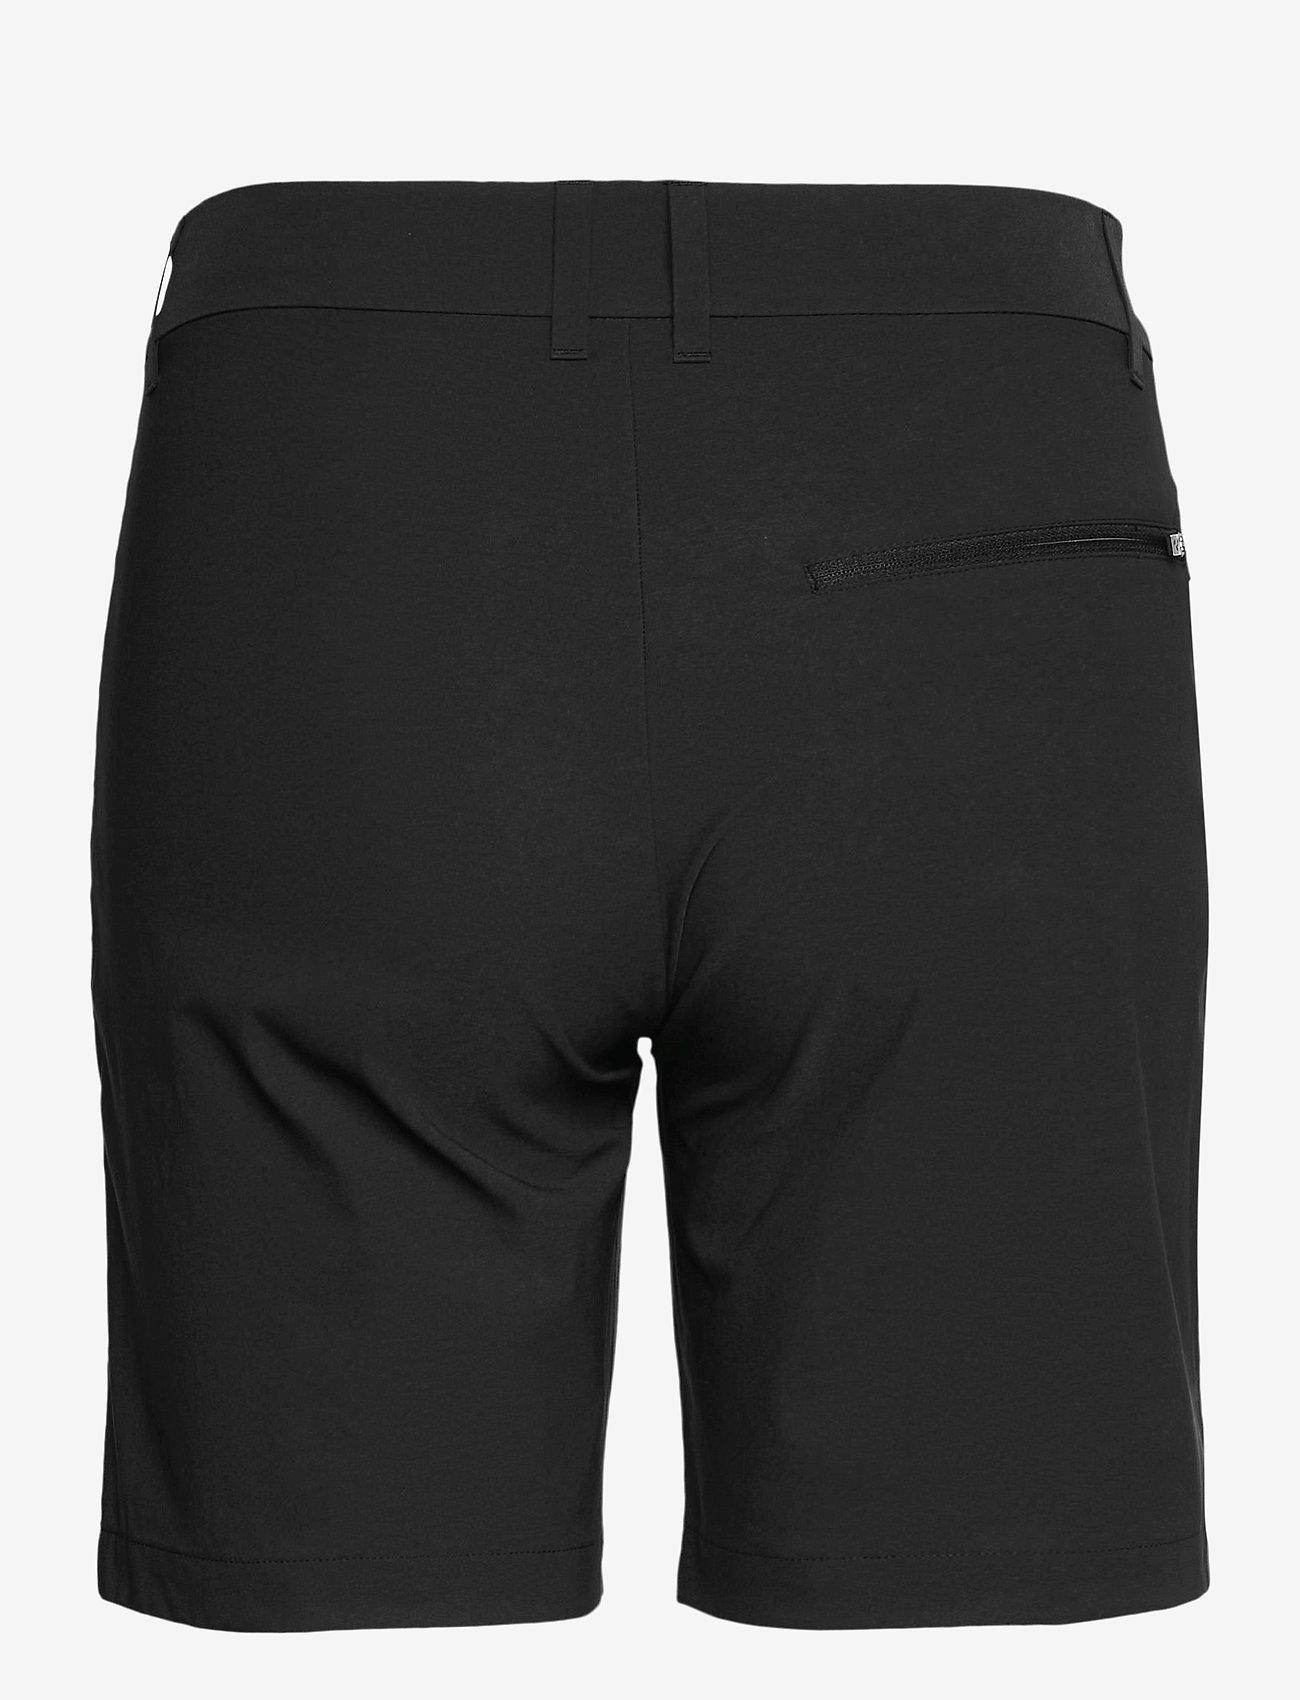 Peak Performance - W Illusion Shorts - short de randonnée - black - 1